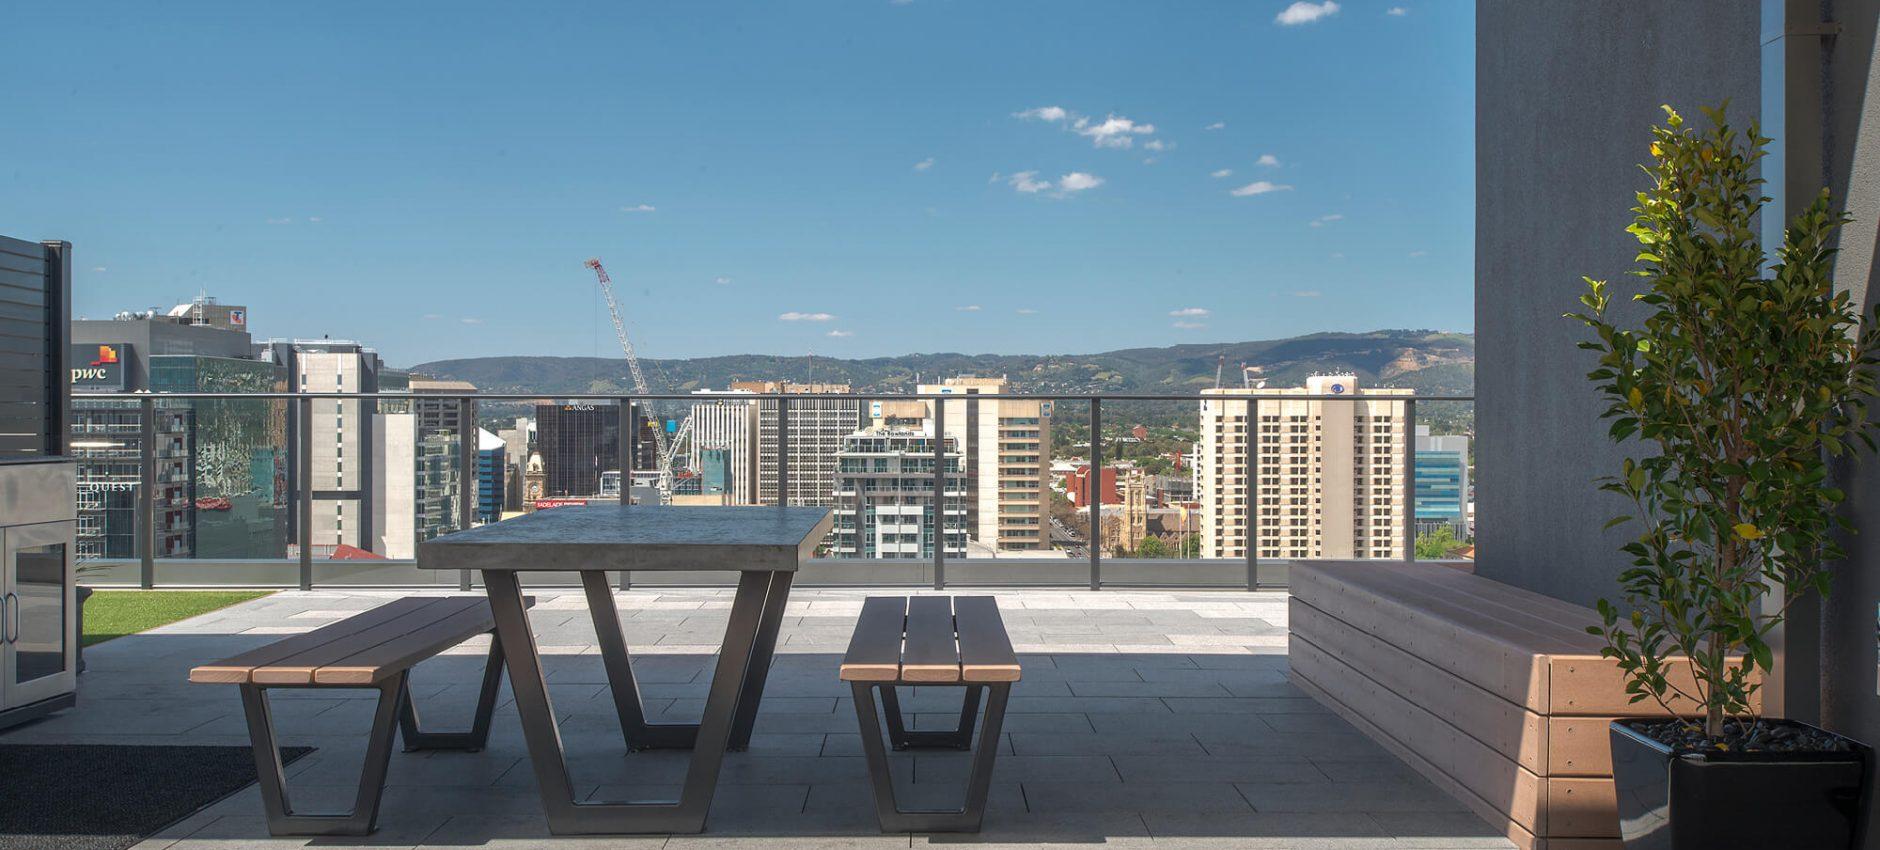 Adelaide-Central9.jpg